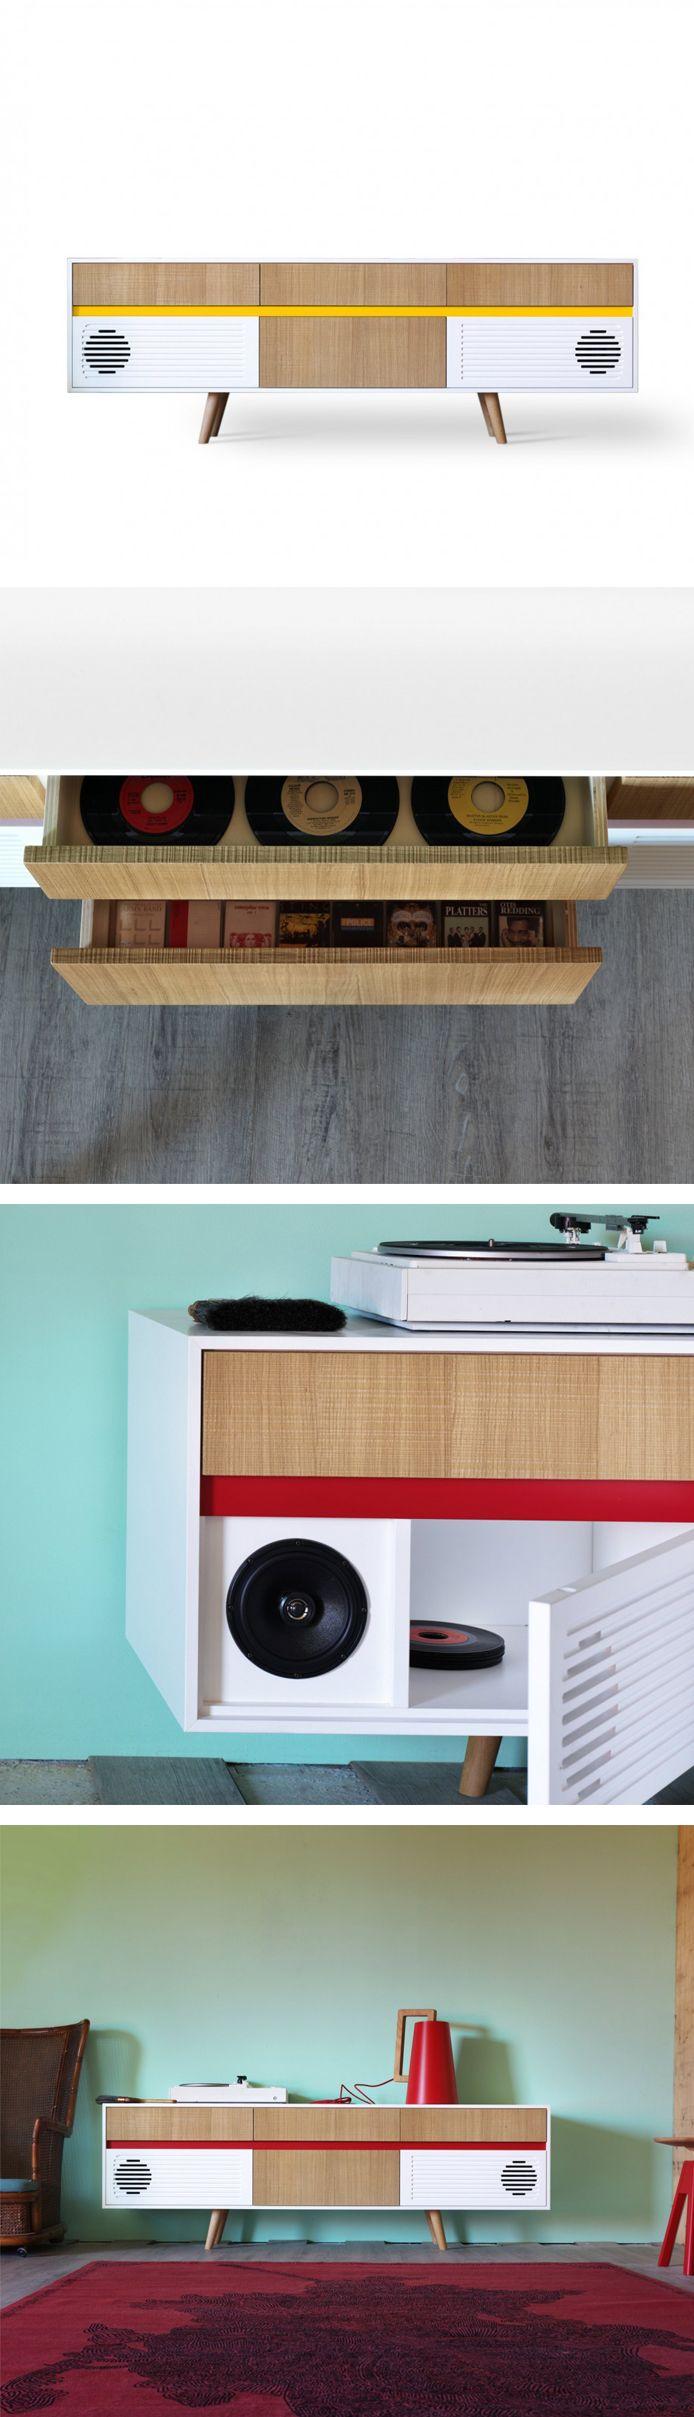 Das Retro Sideboard Skap Von Miniforms Mit Integrierten Lautsprechern Stereosystem Bluetooth